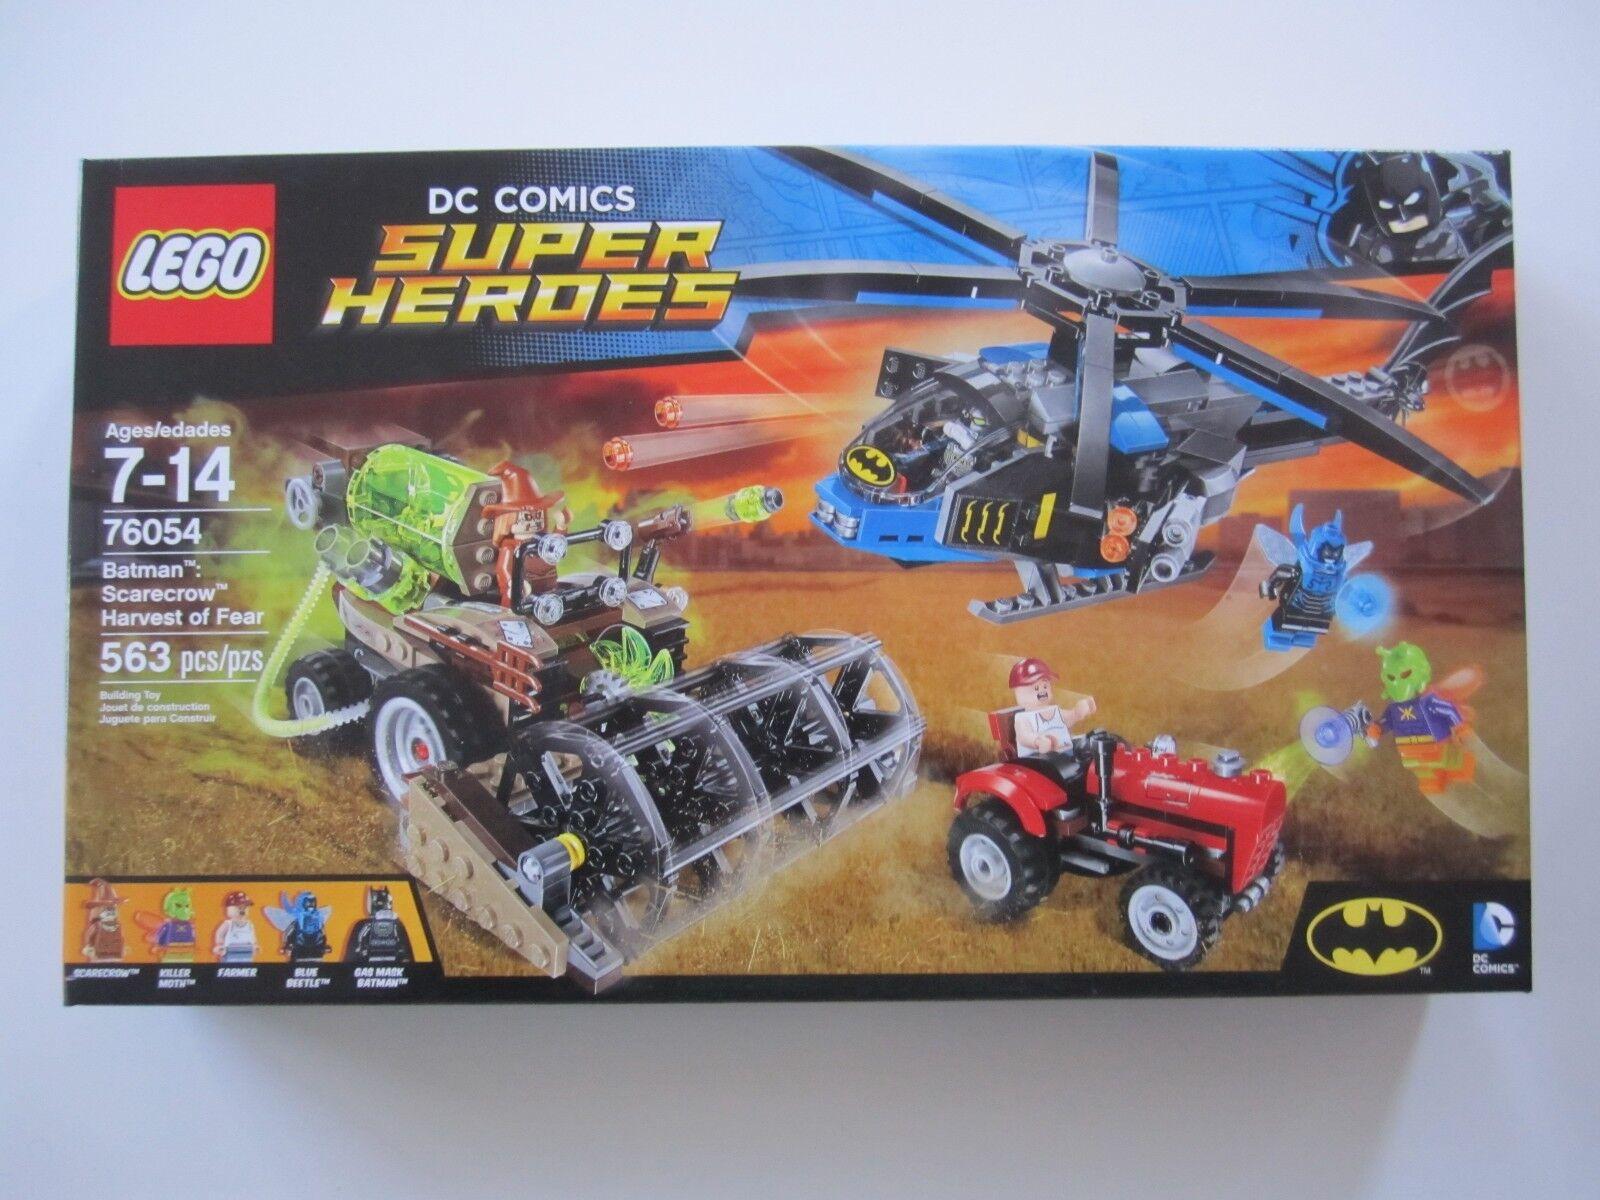 76054 LEGO DC Comics Super Heroes Batman  Harvest of Fear 563 Pieces New In Box